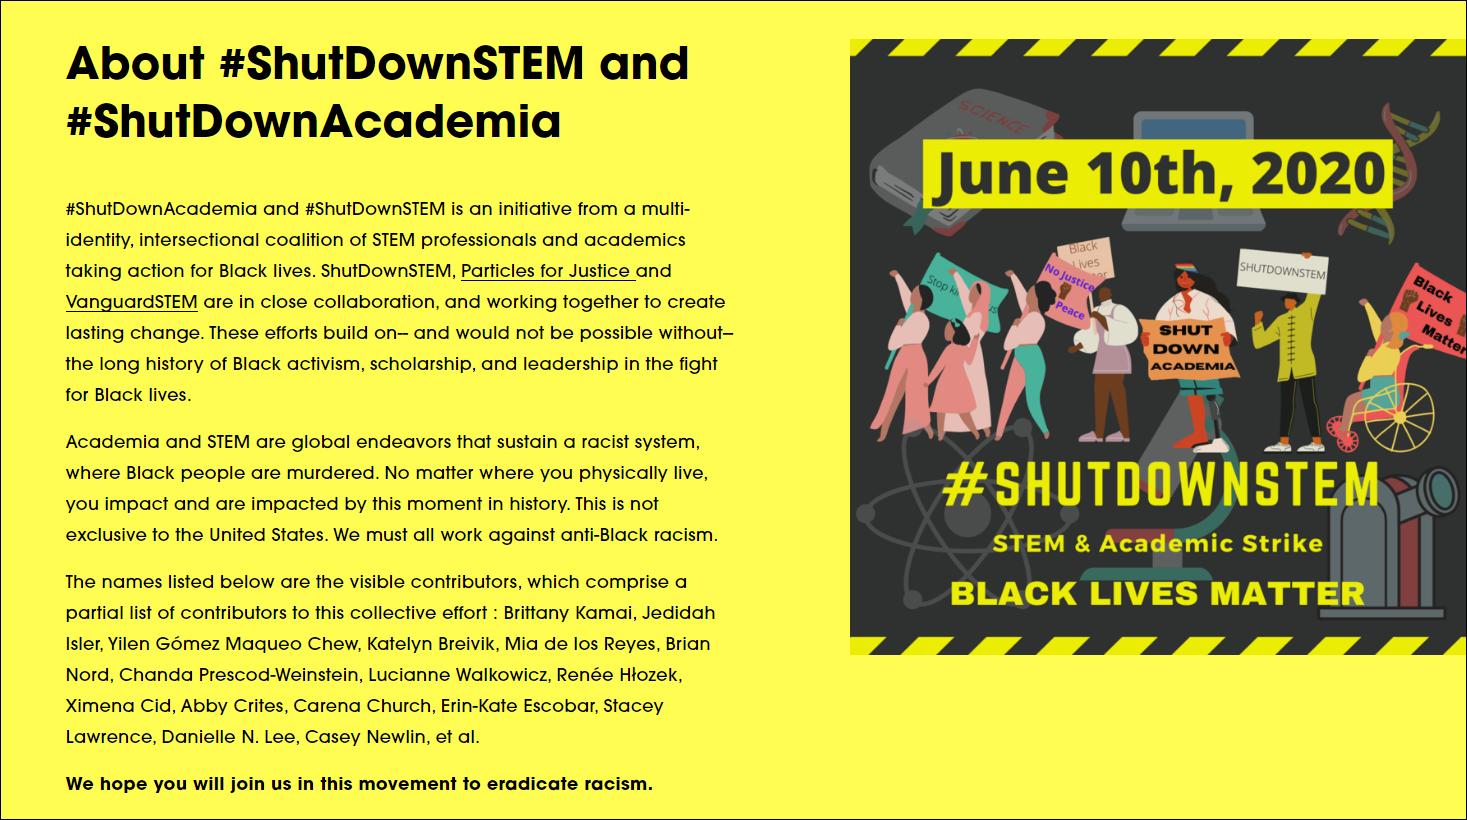 全球5000多名科学家罢工一天声援黑人